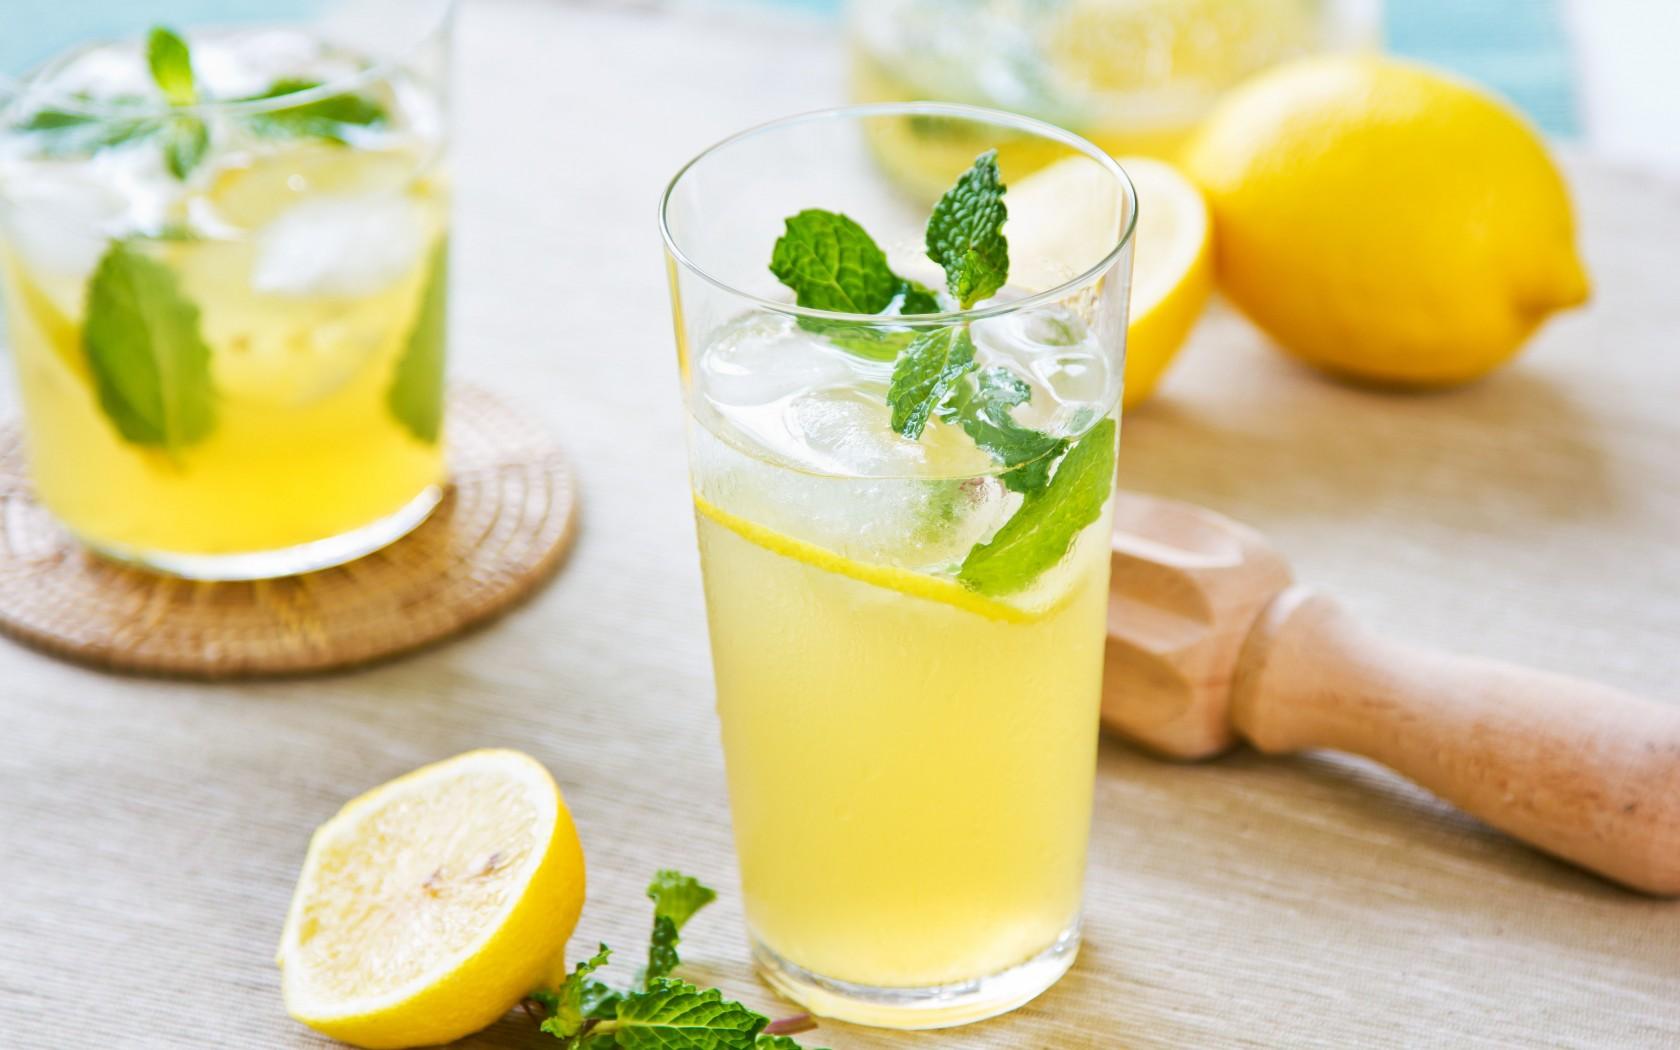 8 Lovely HD Lemonade Drink Wallpapers 1680x1050